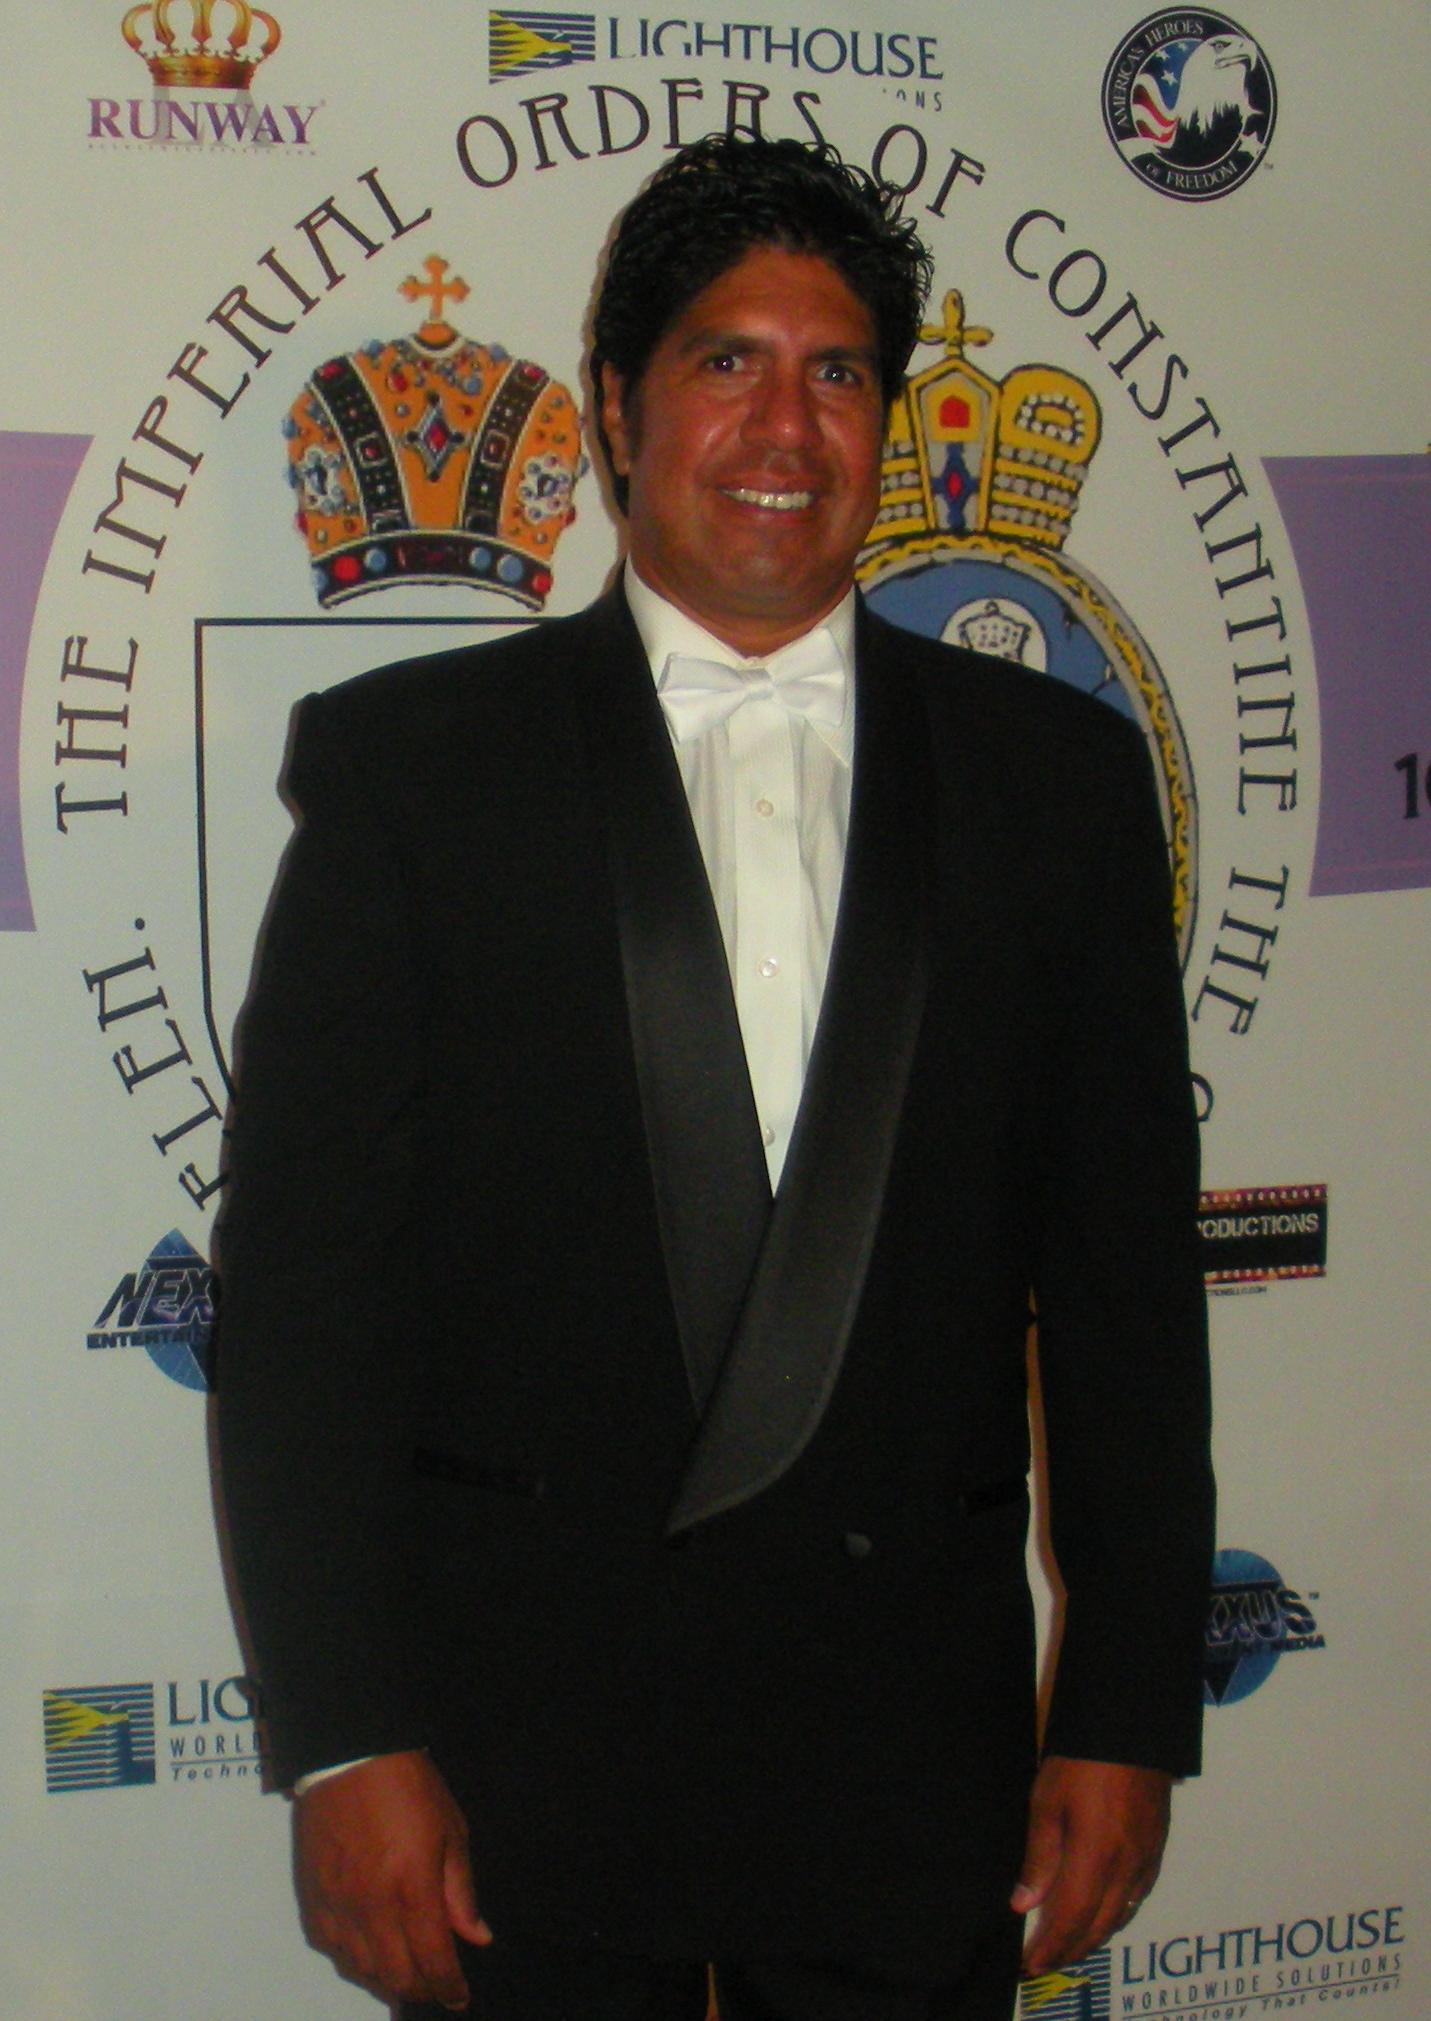 Gordon Vasquez, Royal Knighting Event -